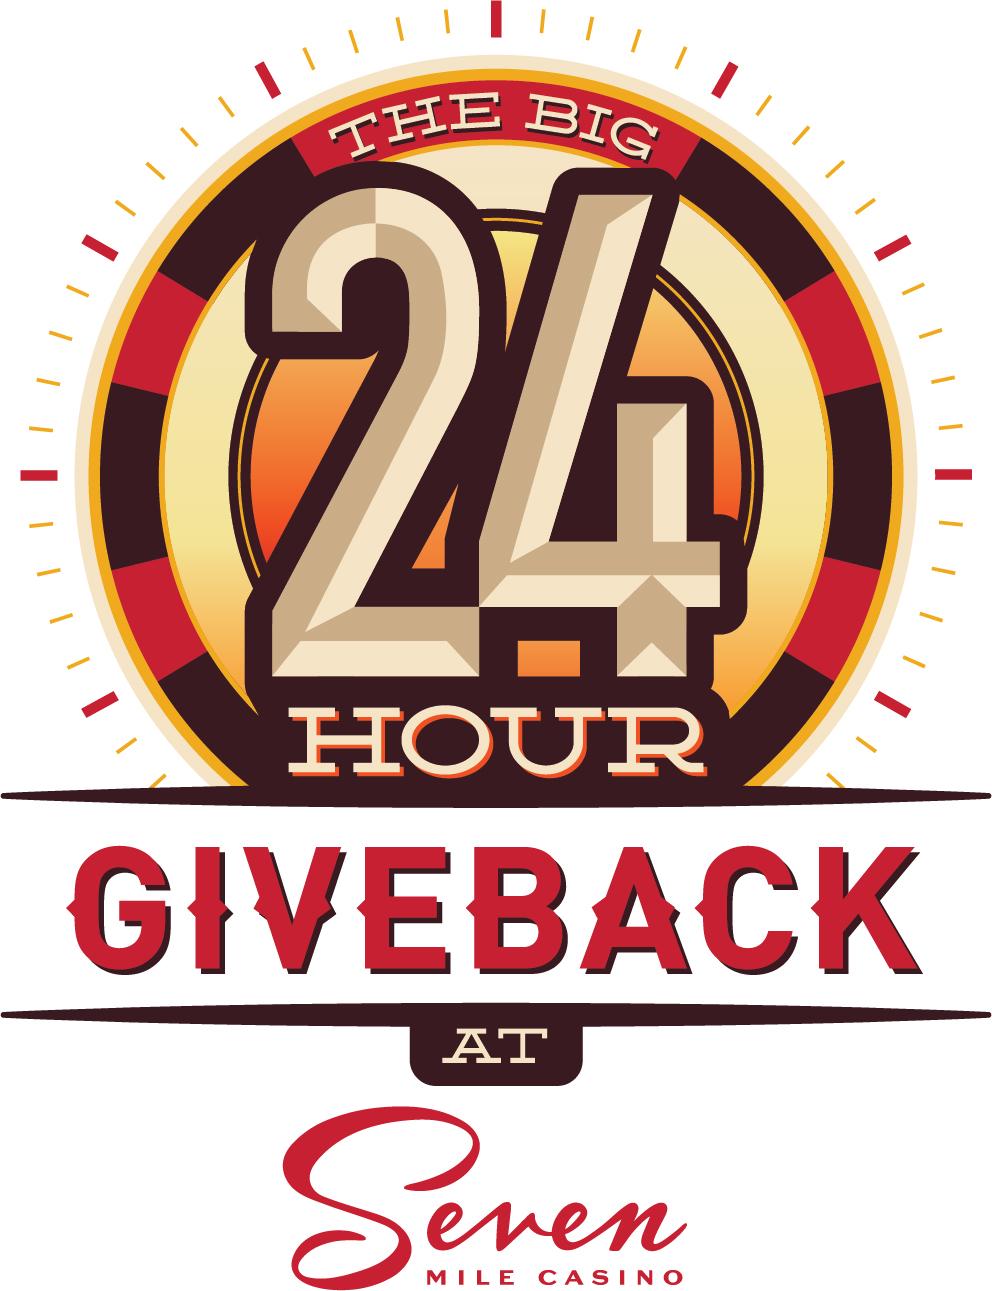 24HourGiveback_SevenMile_logo_color.jpg